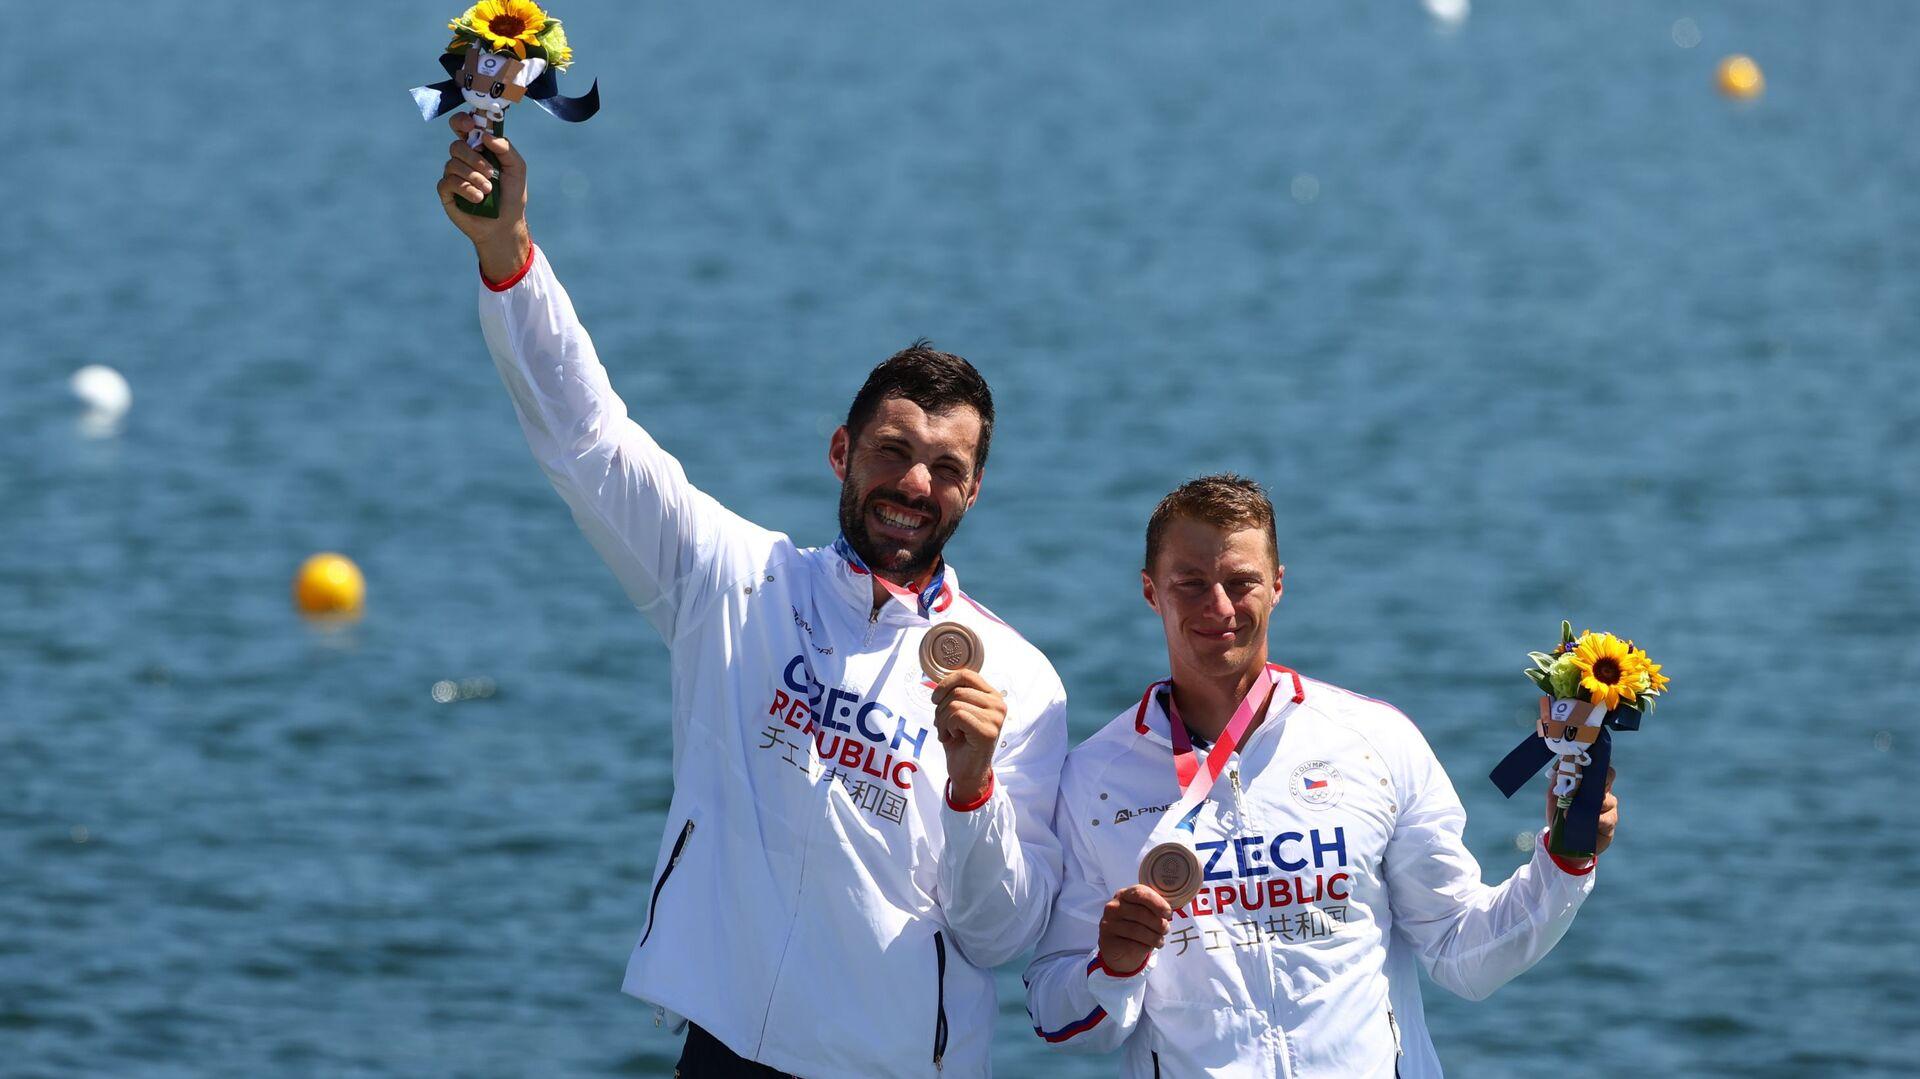 Dostál se Šloufem s bronzovými medailemi - Sputnik Česká republika, 1920, 05.08.2021